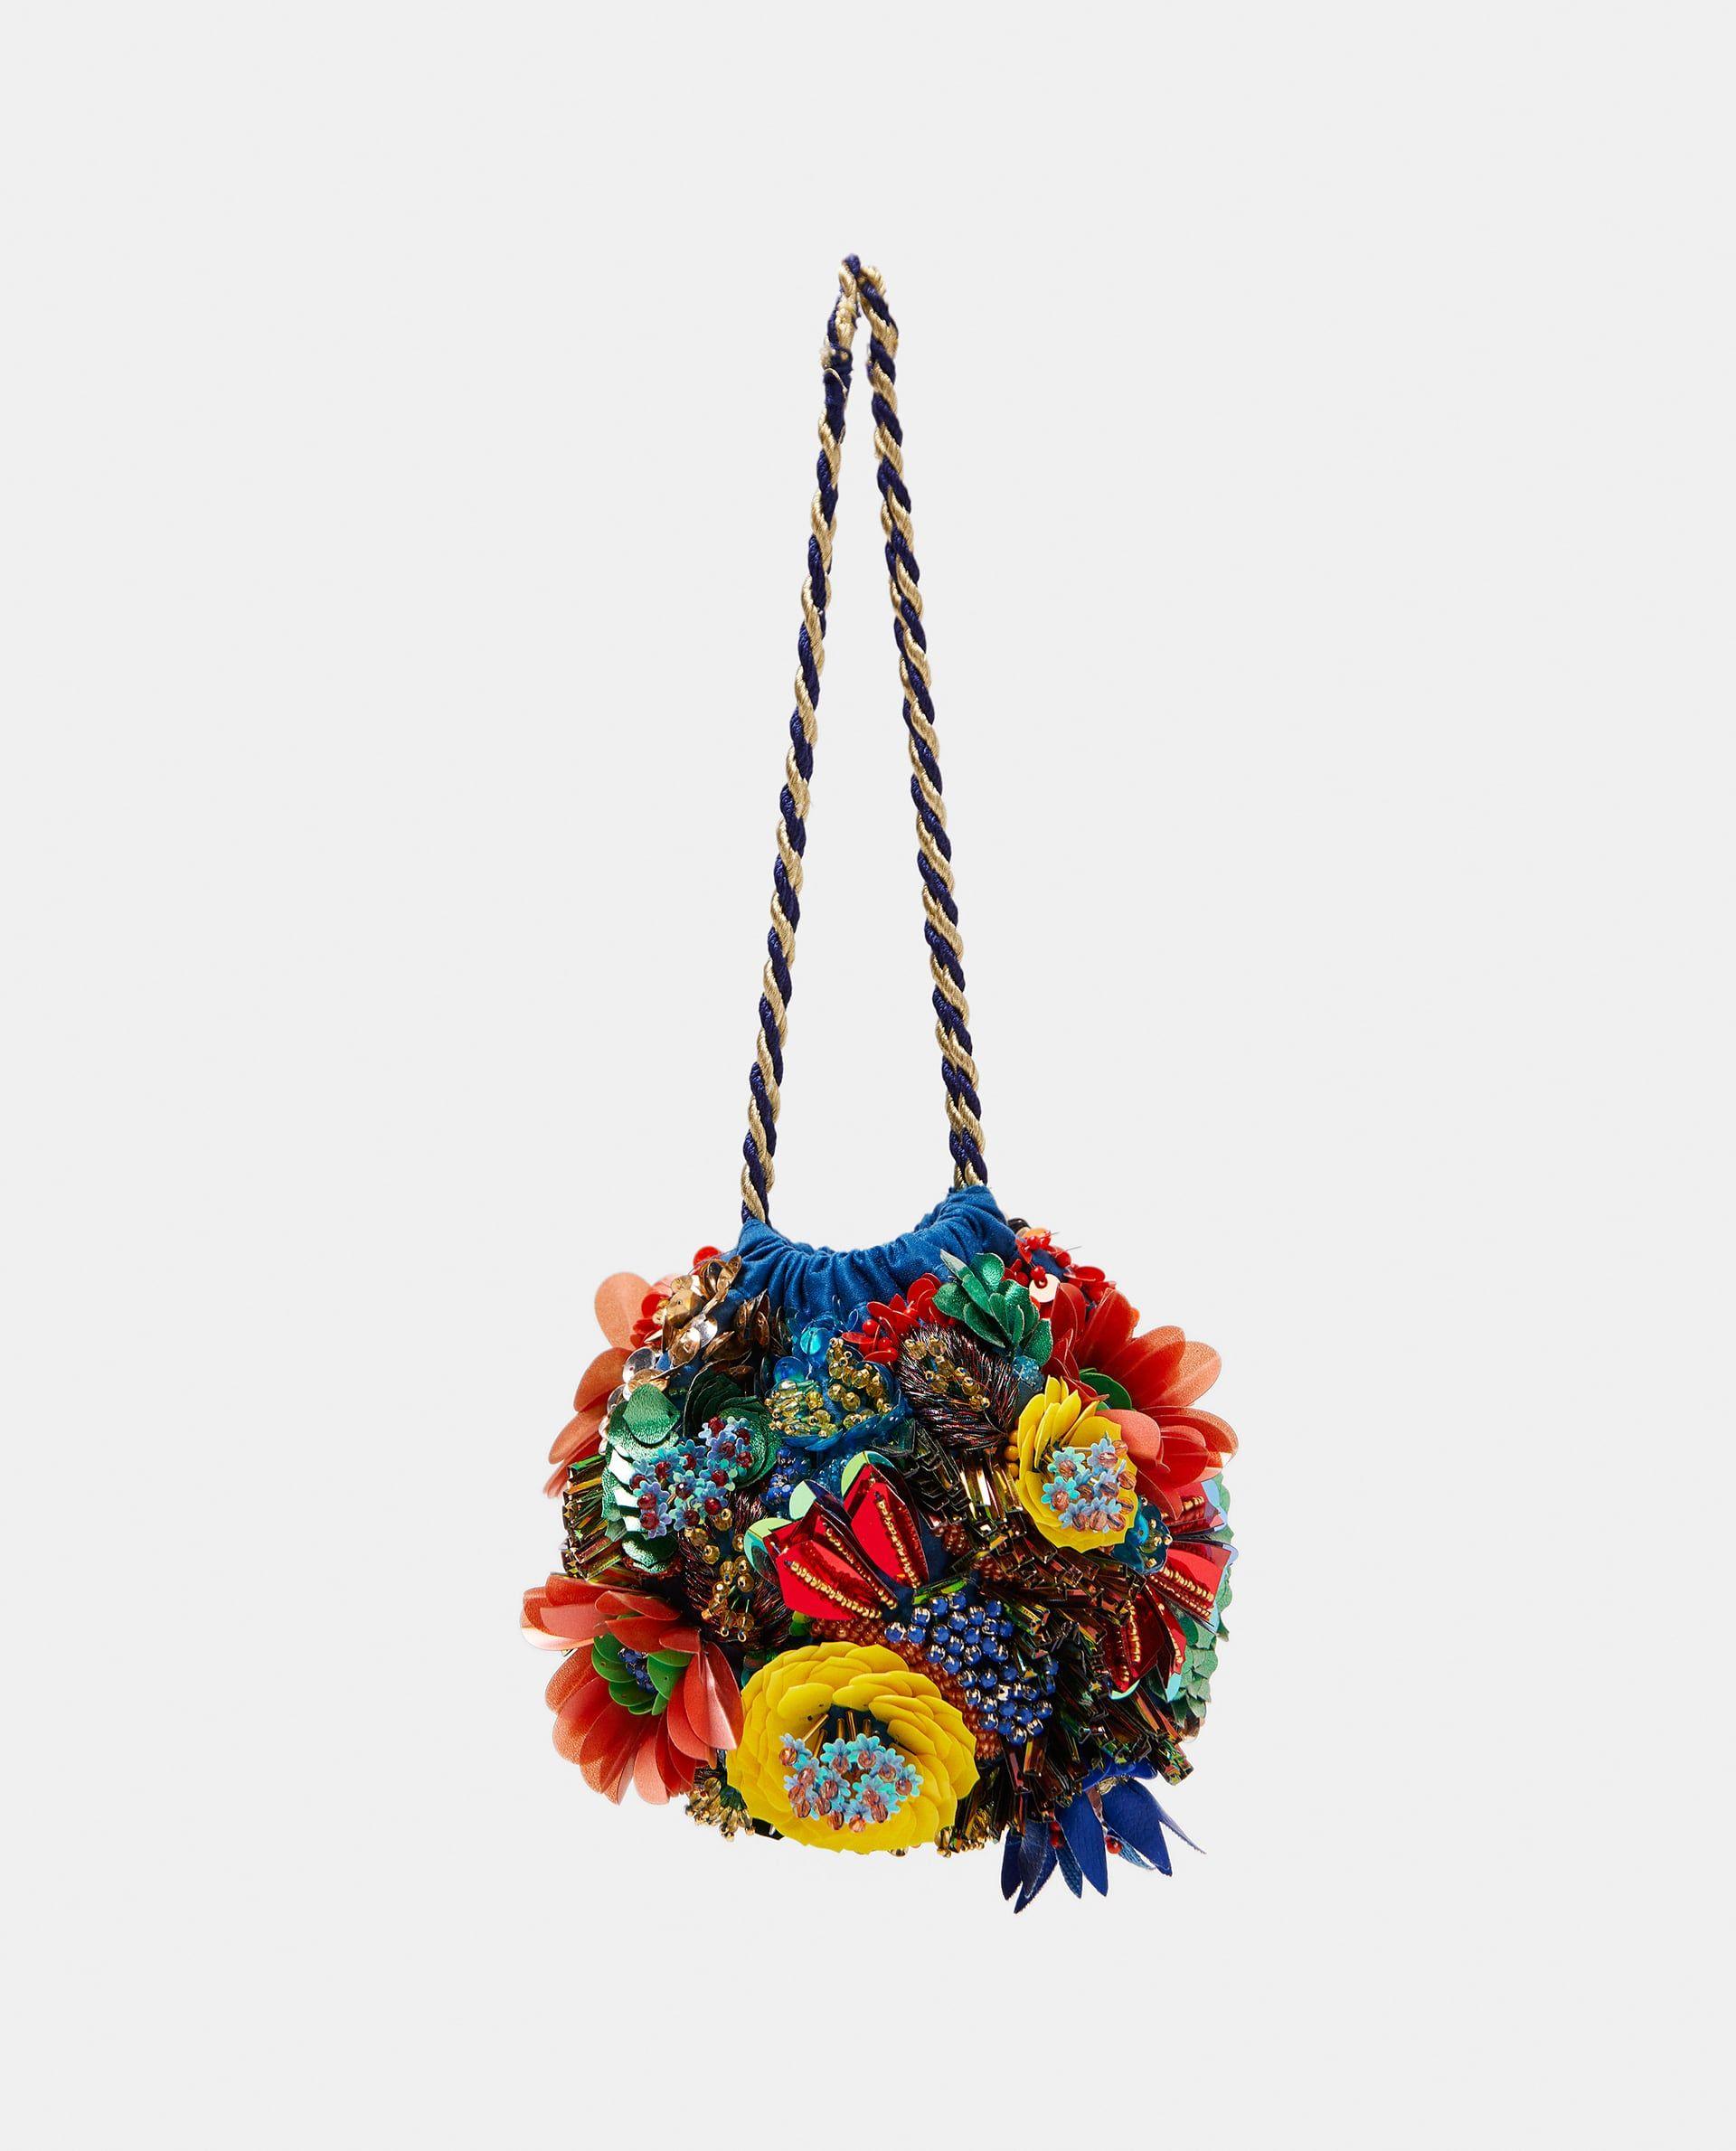 203c8bb7e BOLSO FLORES BORDADO in 2019 | Bags | Zara handbags, Purses ...